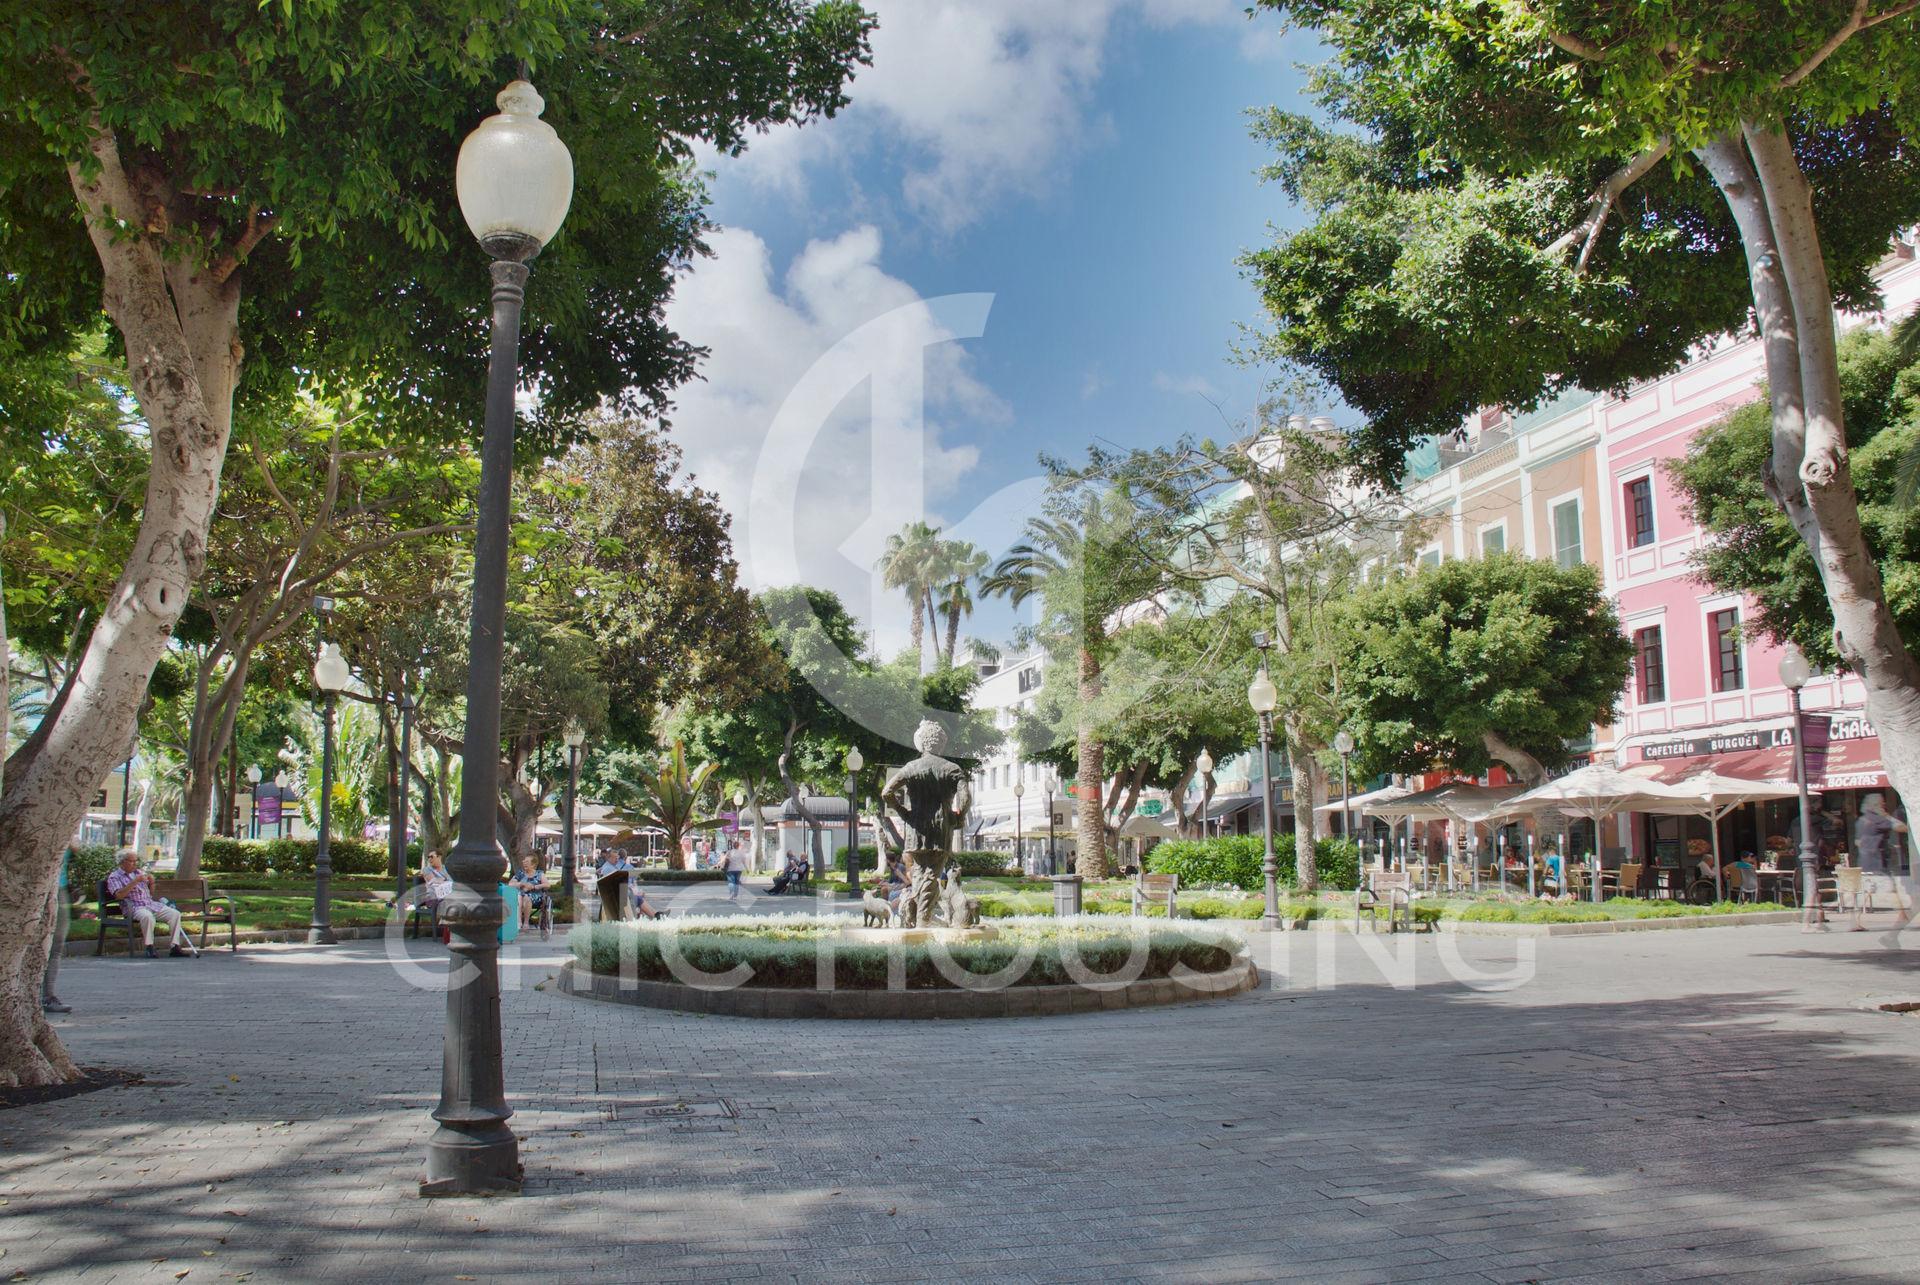 alquiler-vivienda-vacacional-las-palmas-de-gran-canaria-las-canteras-parque-santa-catalina05